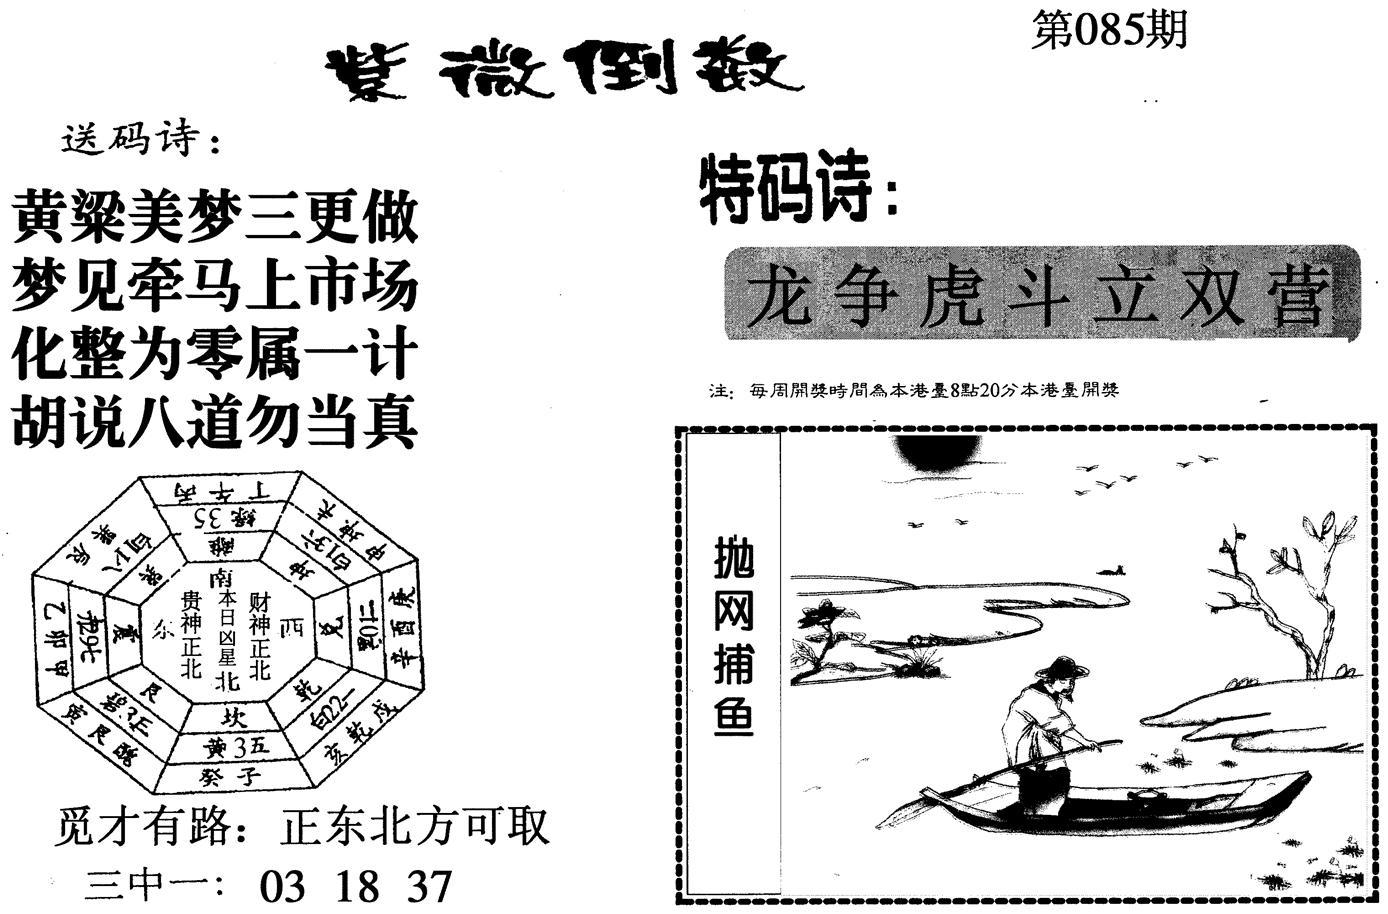 085期紫微倒数(黑白)